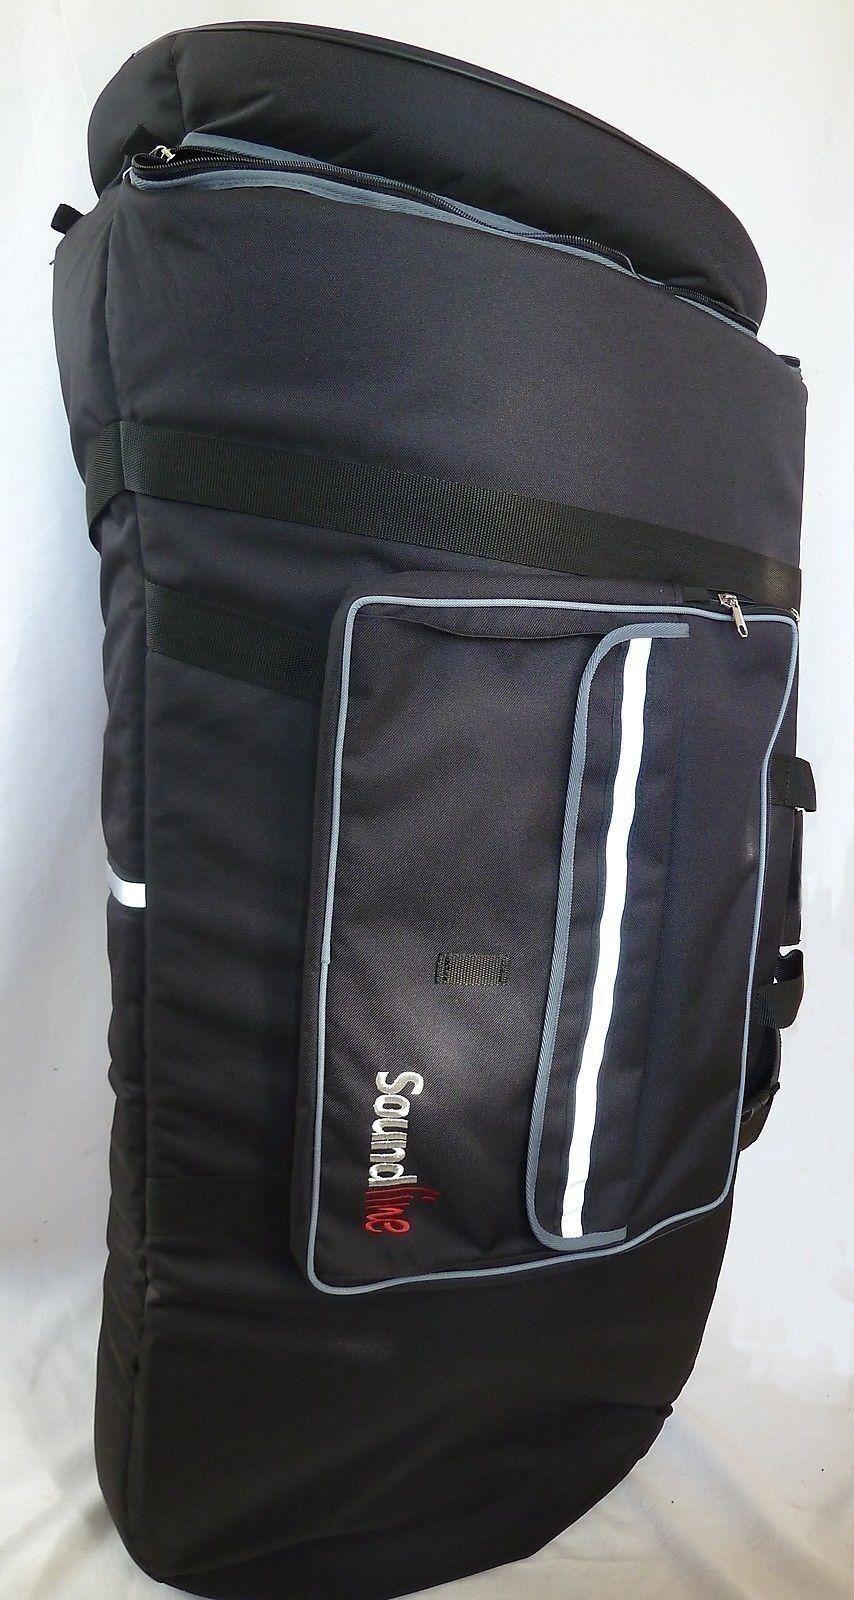 Gig-Bag Tasche für schlanke B Tuba ES Tuba F Tuba 42X96cm Fabr.  Pema made in EU